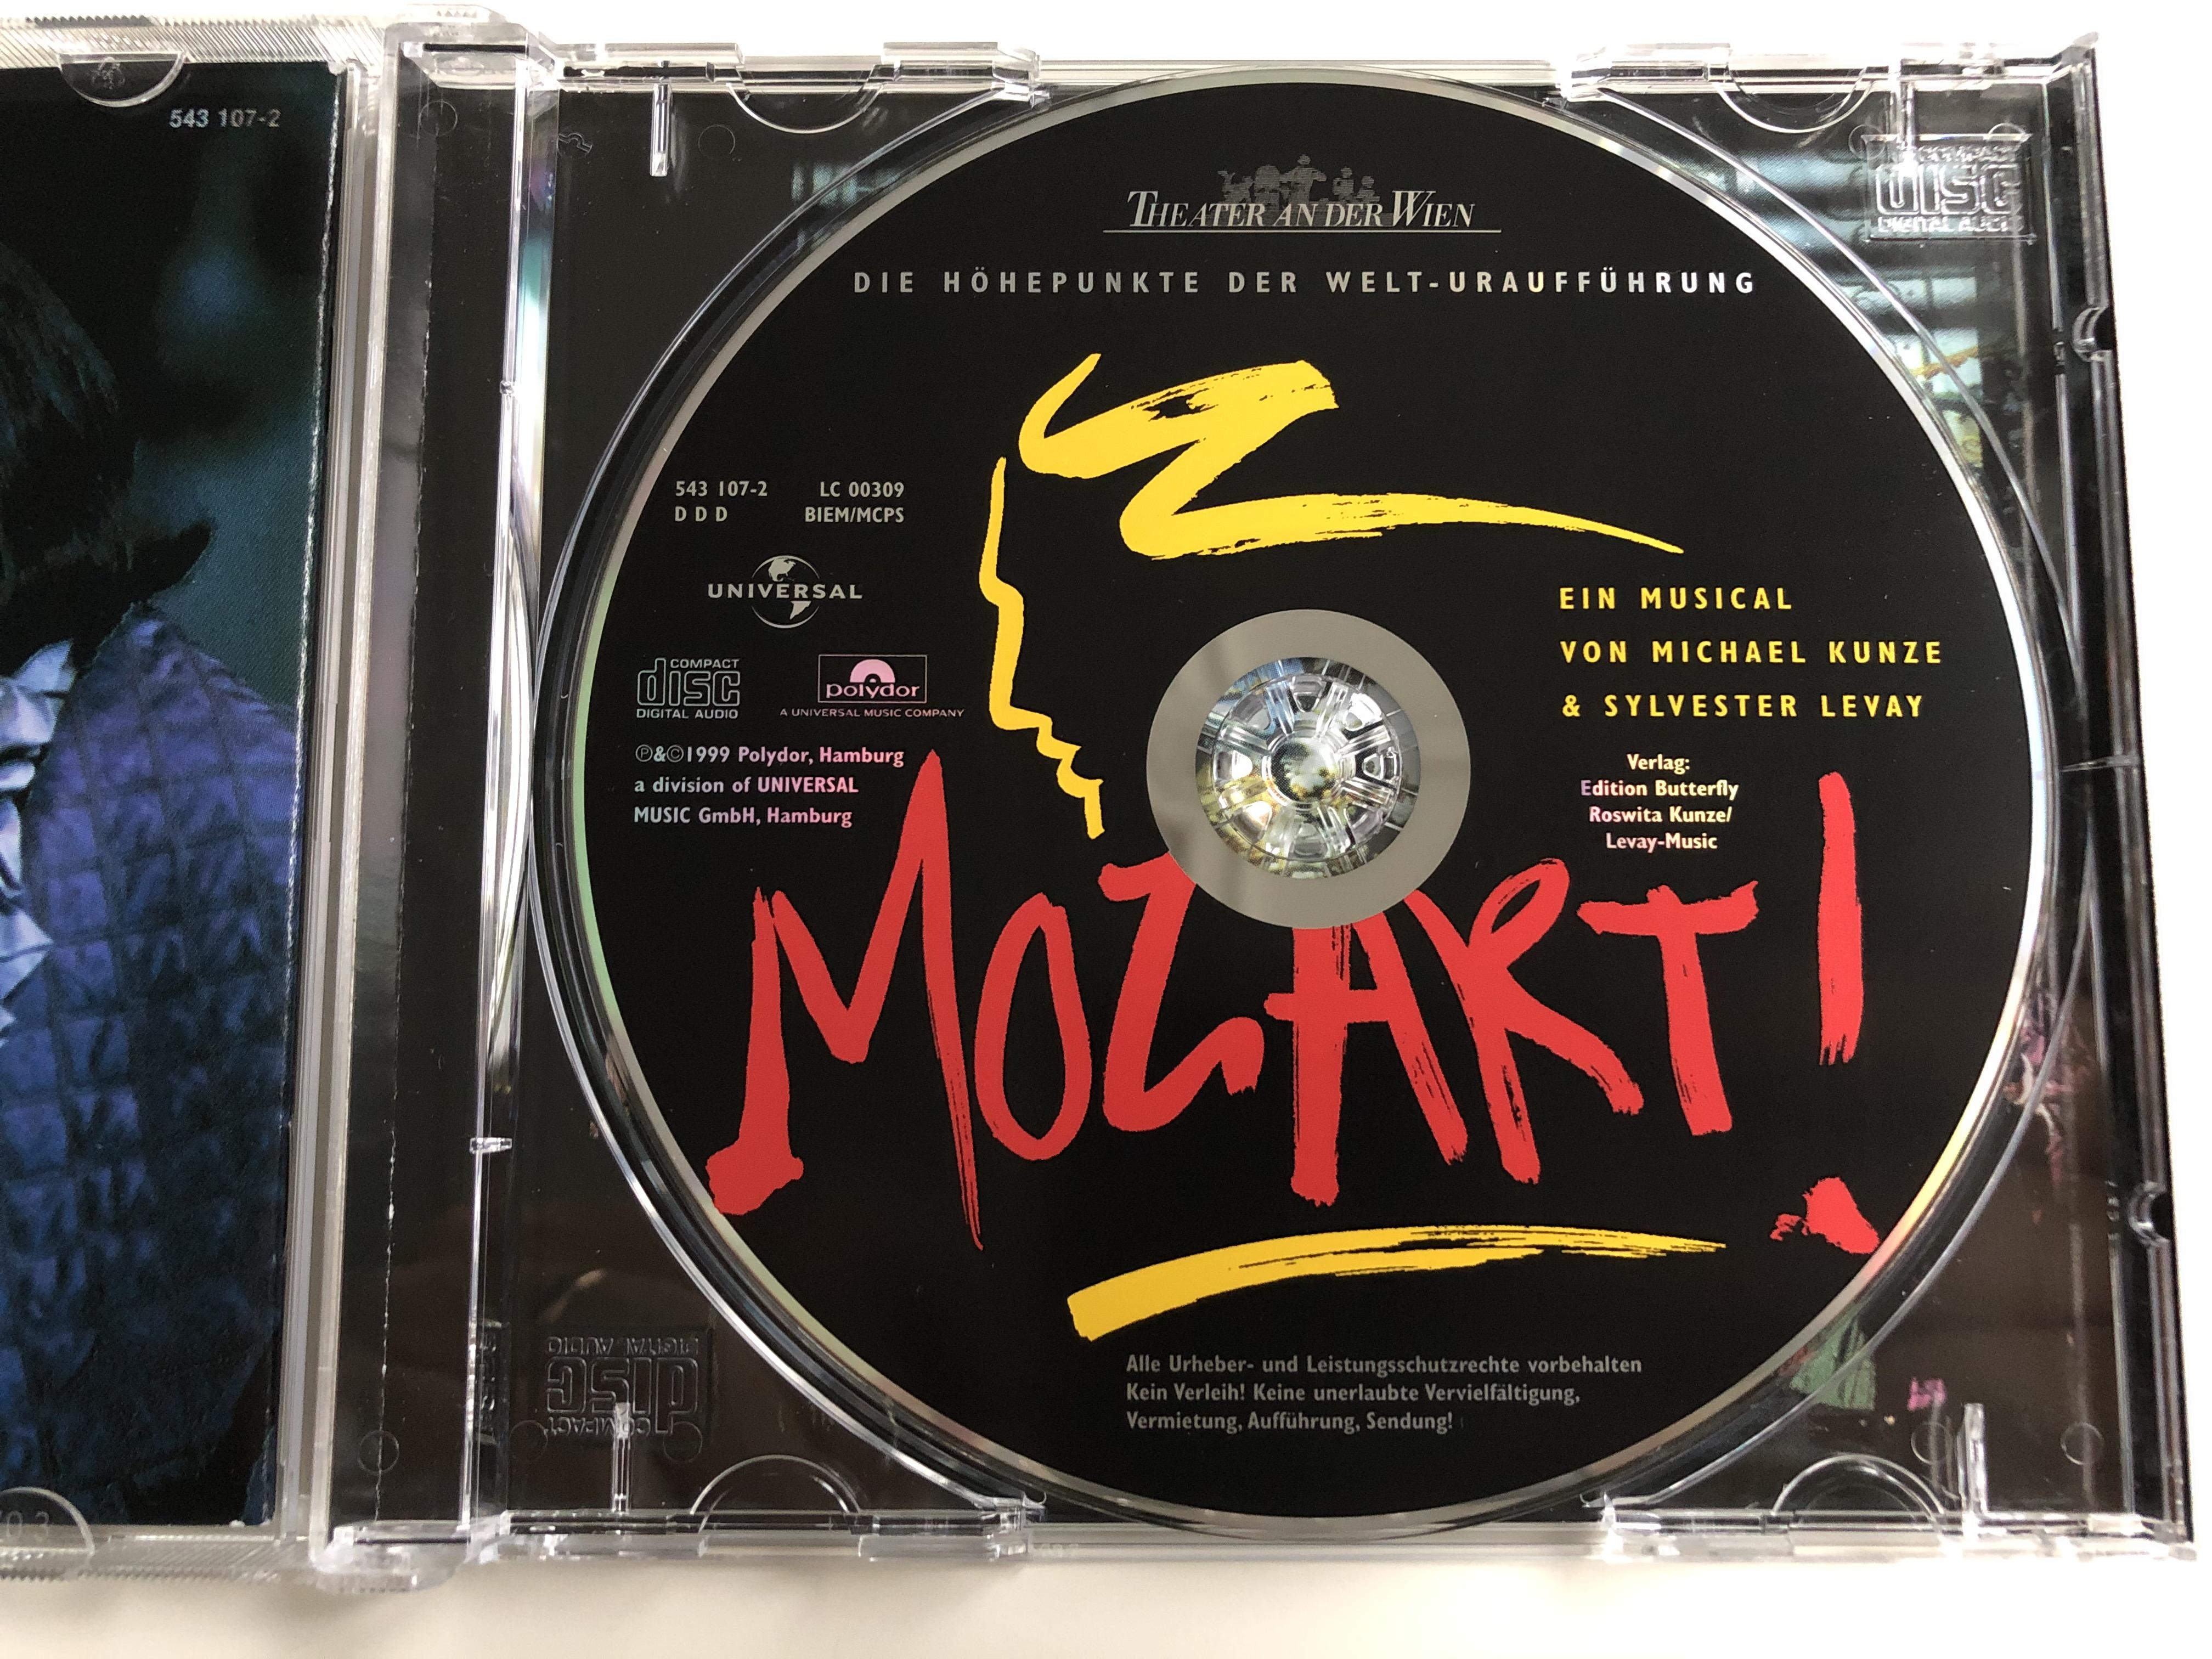 die-h-hepunkte-der-welt-urauff-hrung-mozart-ein-musical-von-michael-kunze-sylvester-levay-polydor-audio-cd-1999-543-107-2-2-.jpg